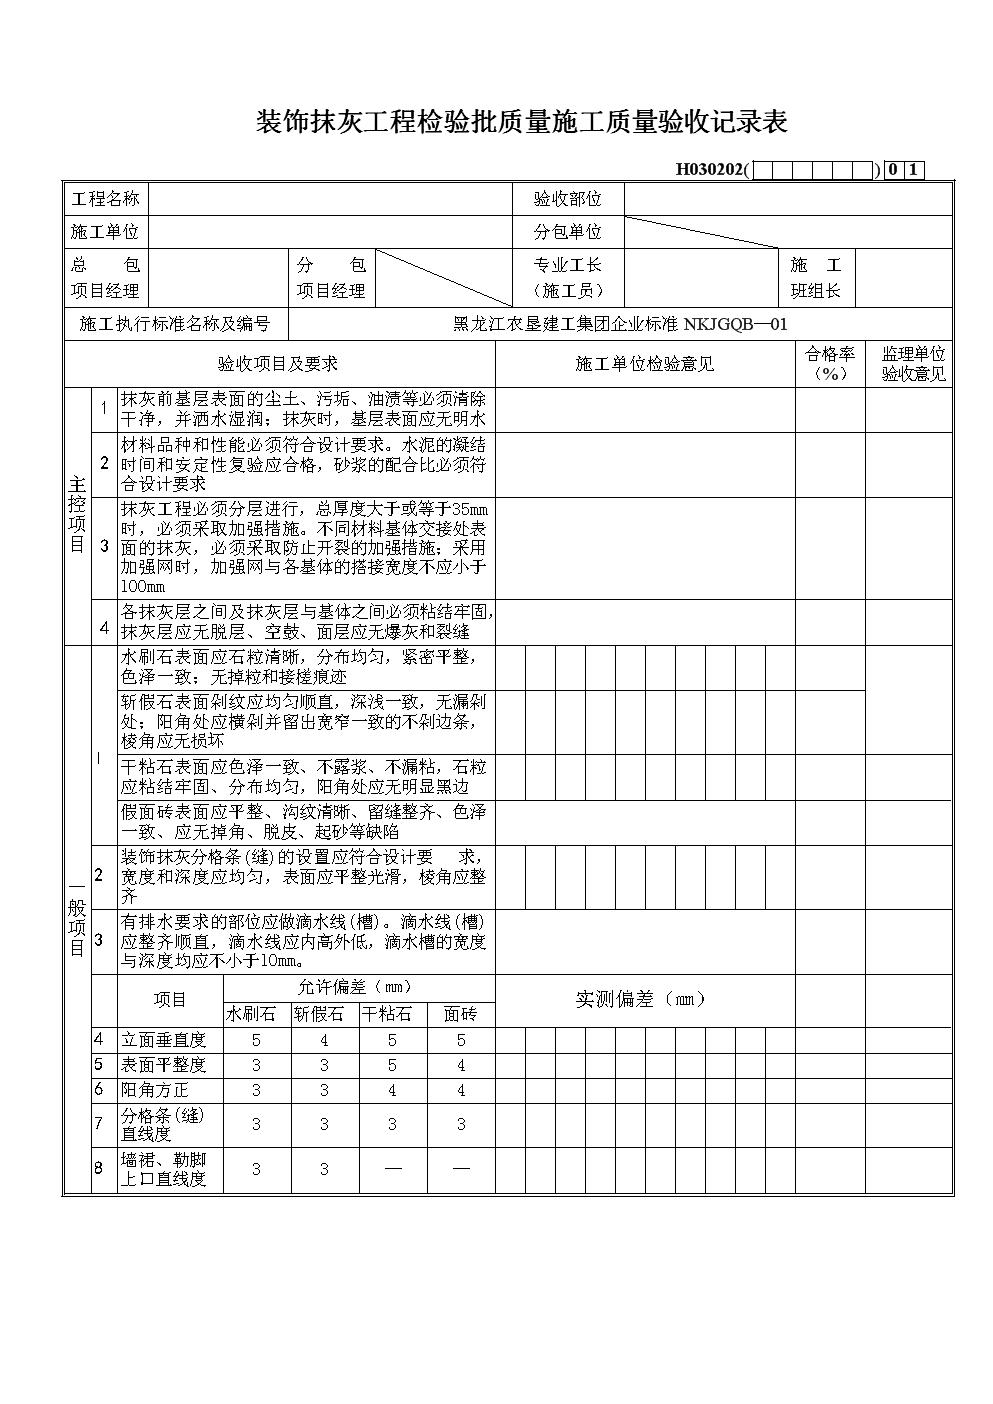 装饰抹灰工程检验批质量施工质量验收记录表.doc